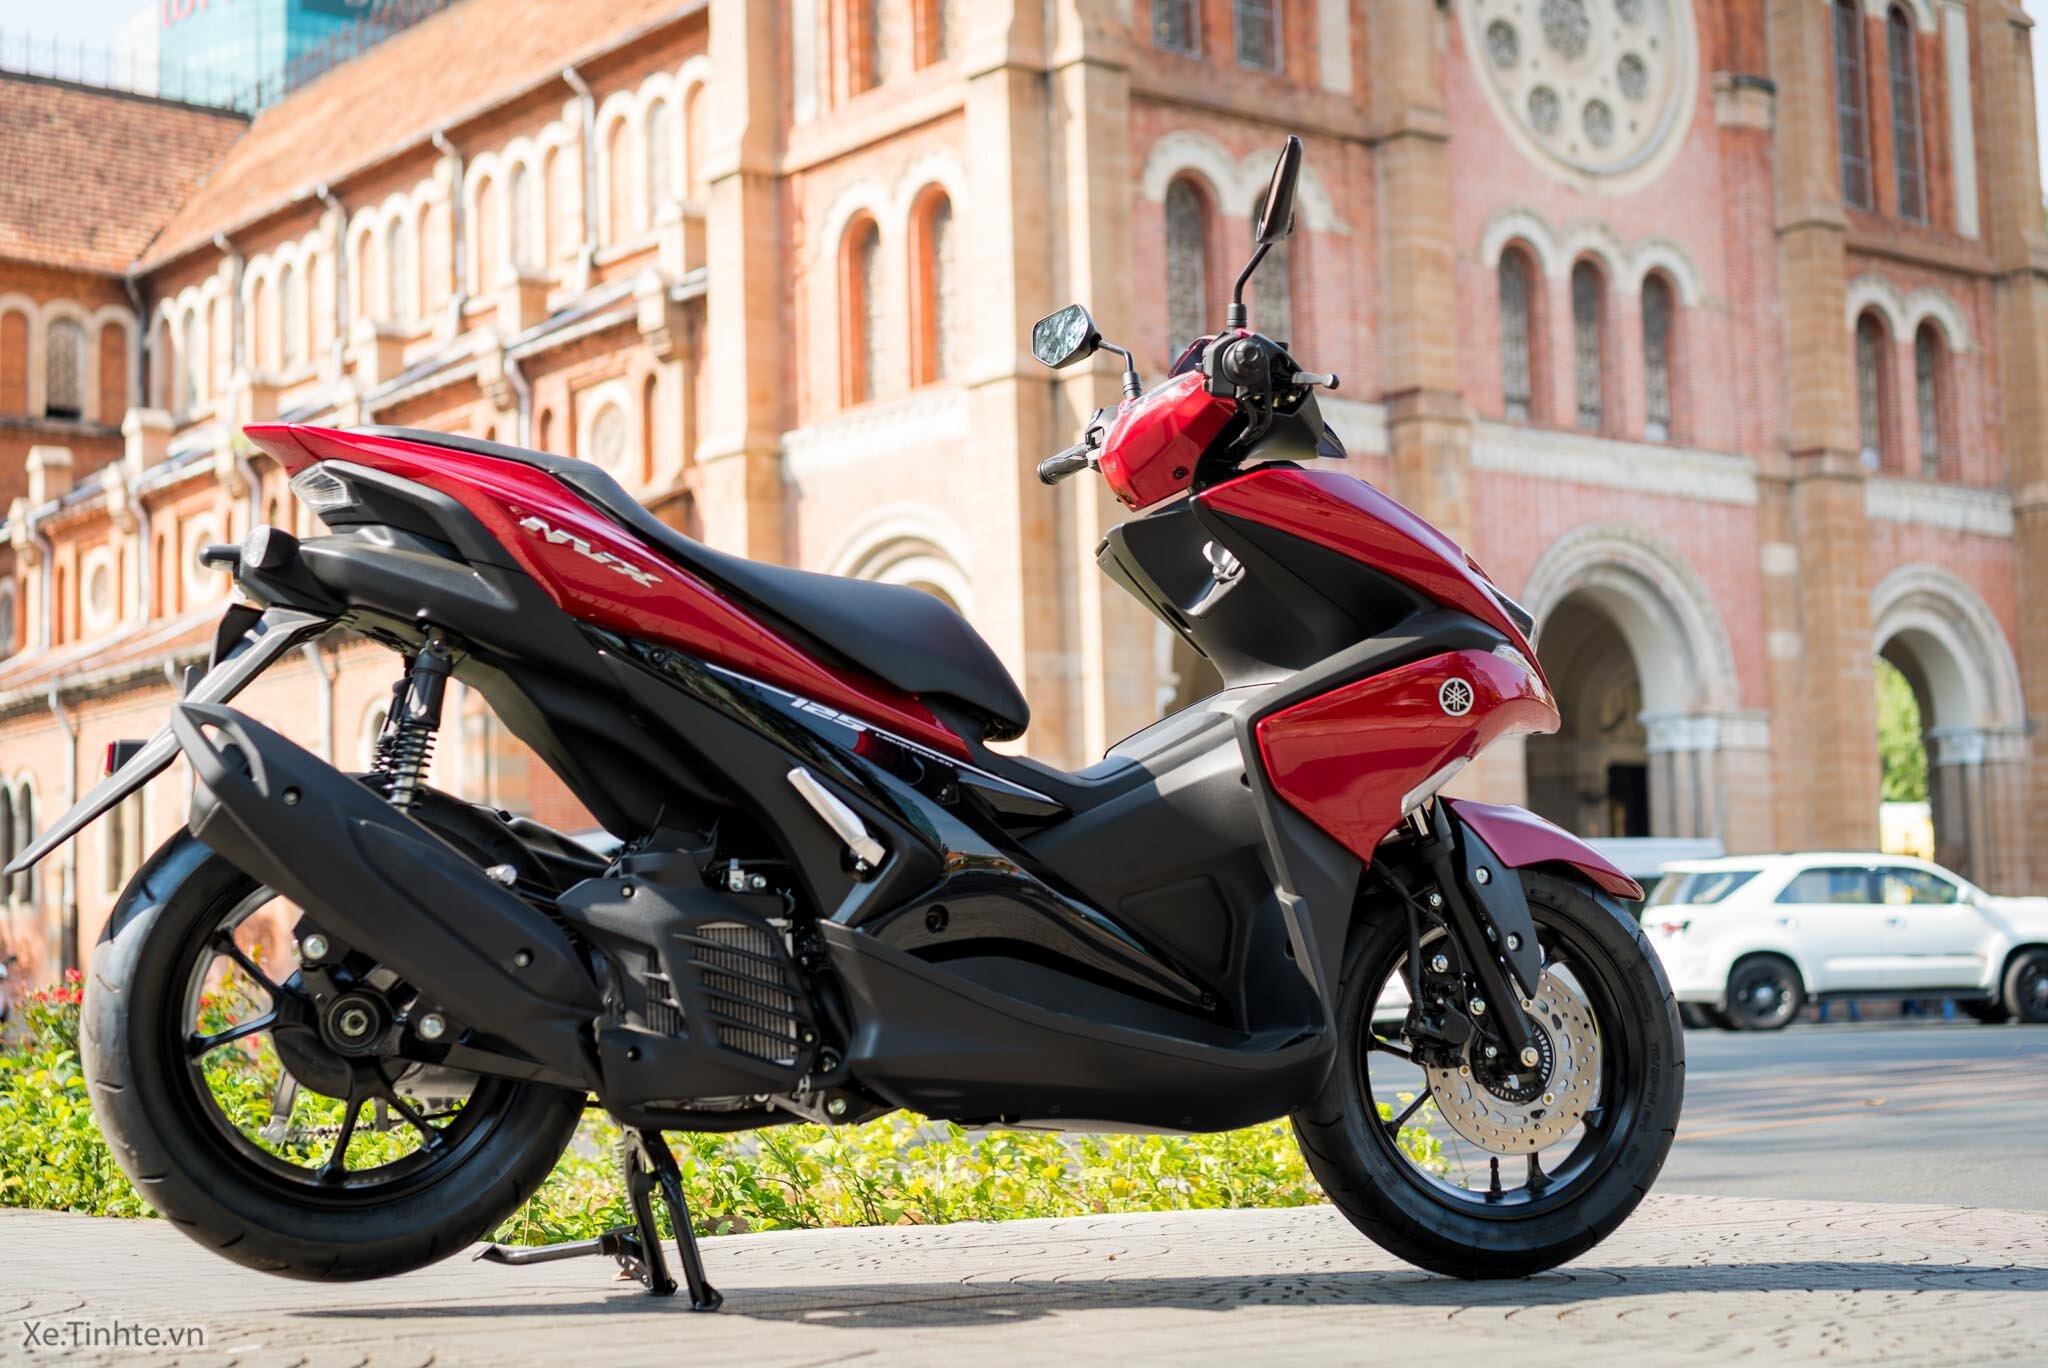 Yamaha NVX 125 thiết kế khỏe khoắn và cá tính